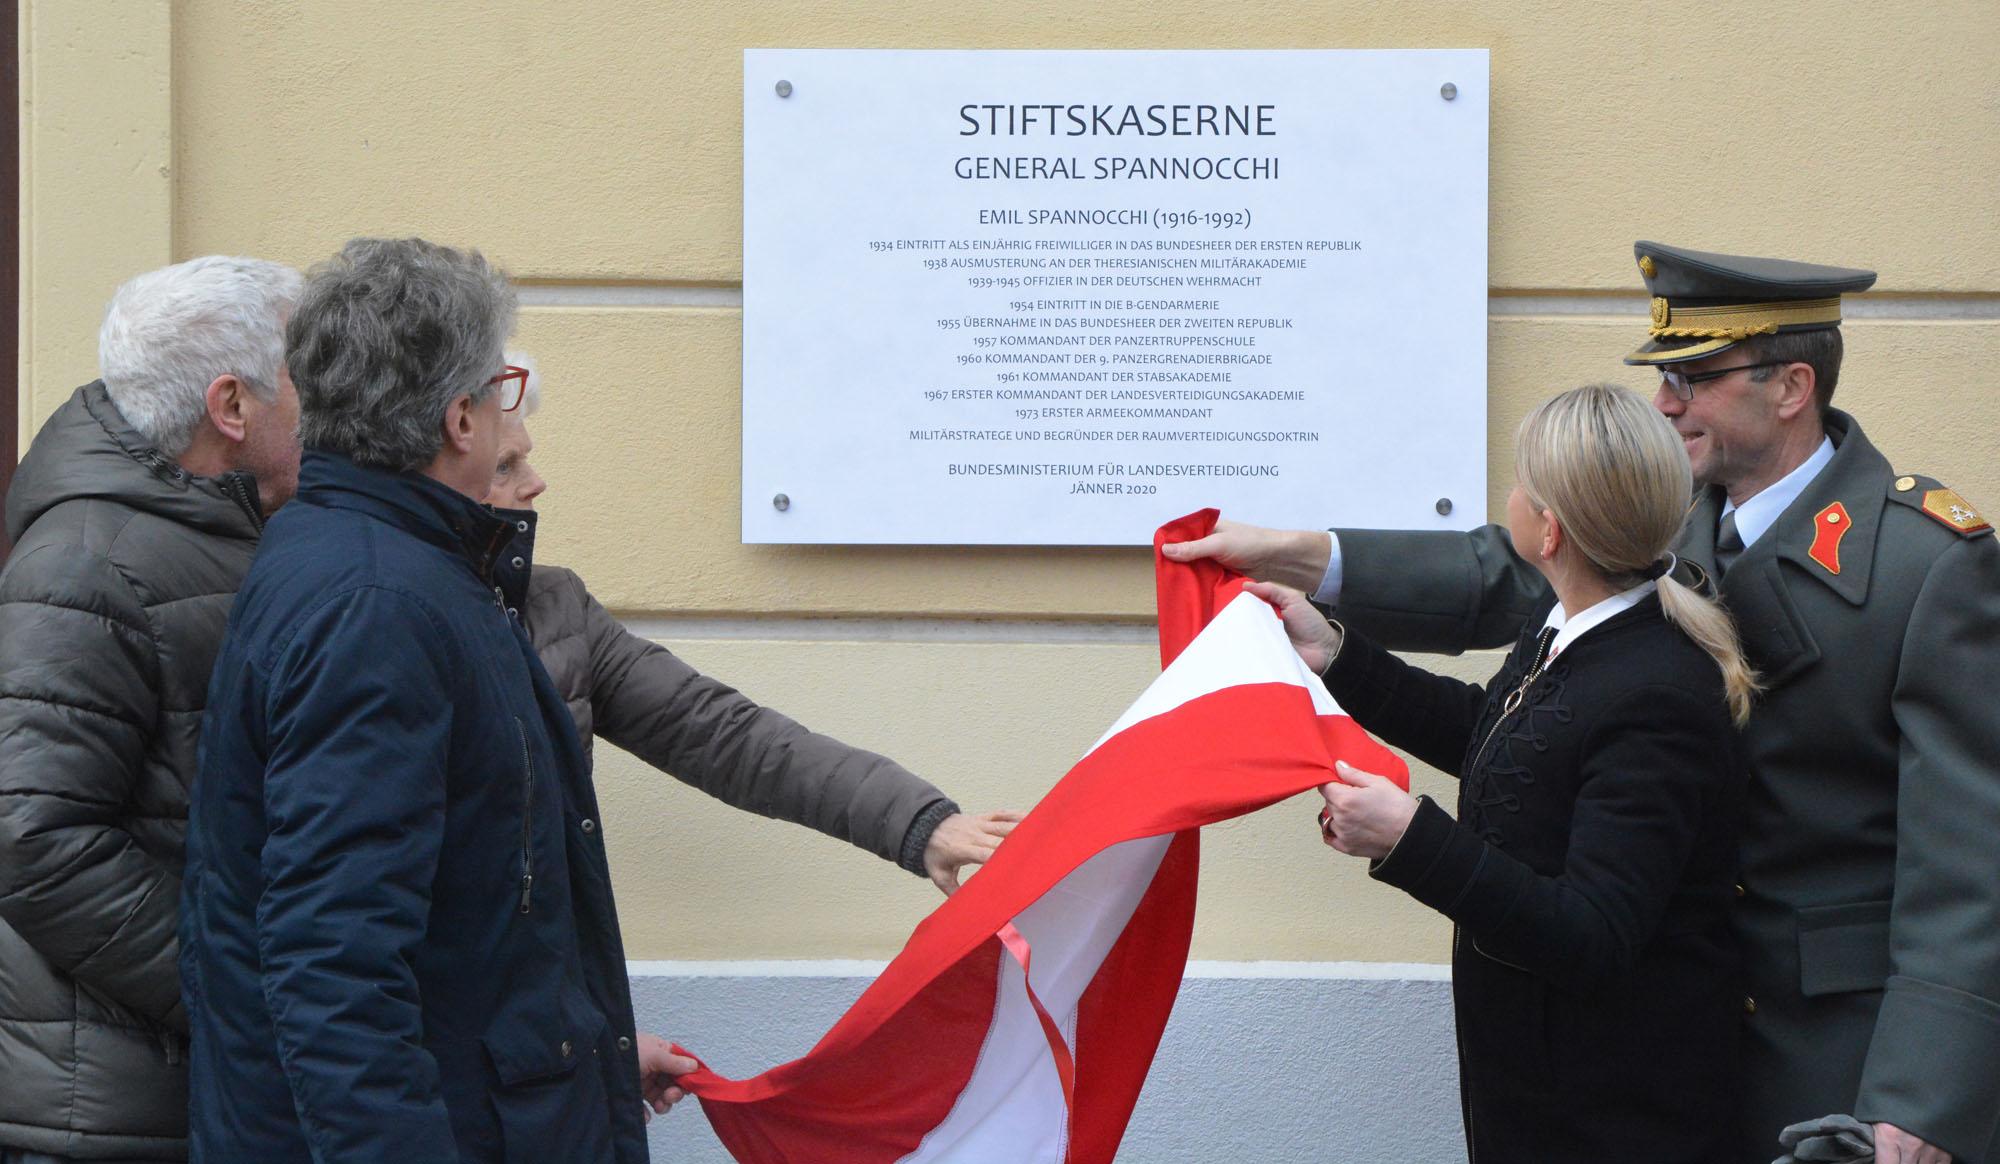 2020_01_27_Garde_3GdKp_Umbenennung-Stiftskaserne-in-General-Spannocchi_DSC_3635